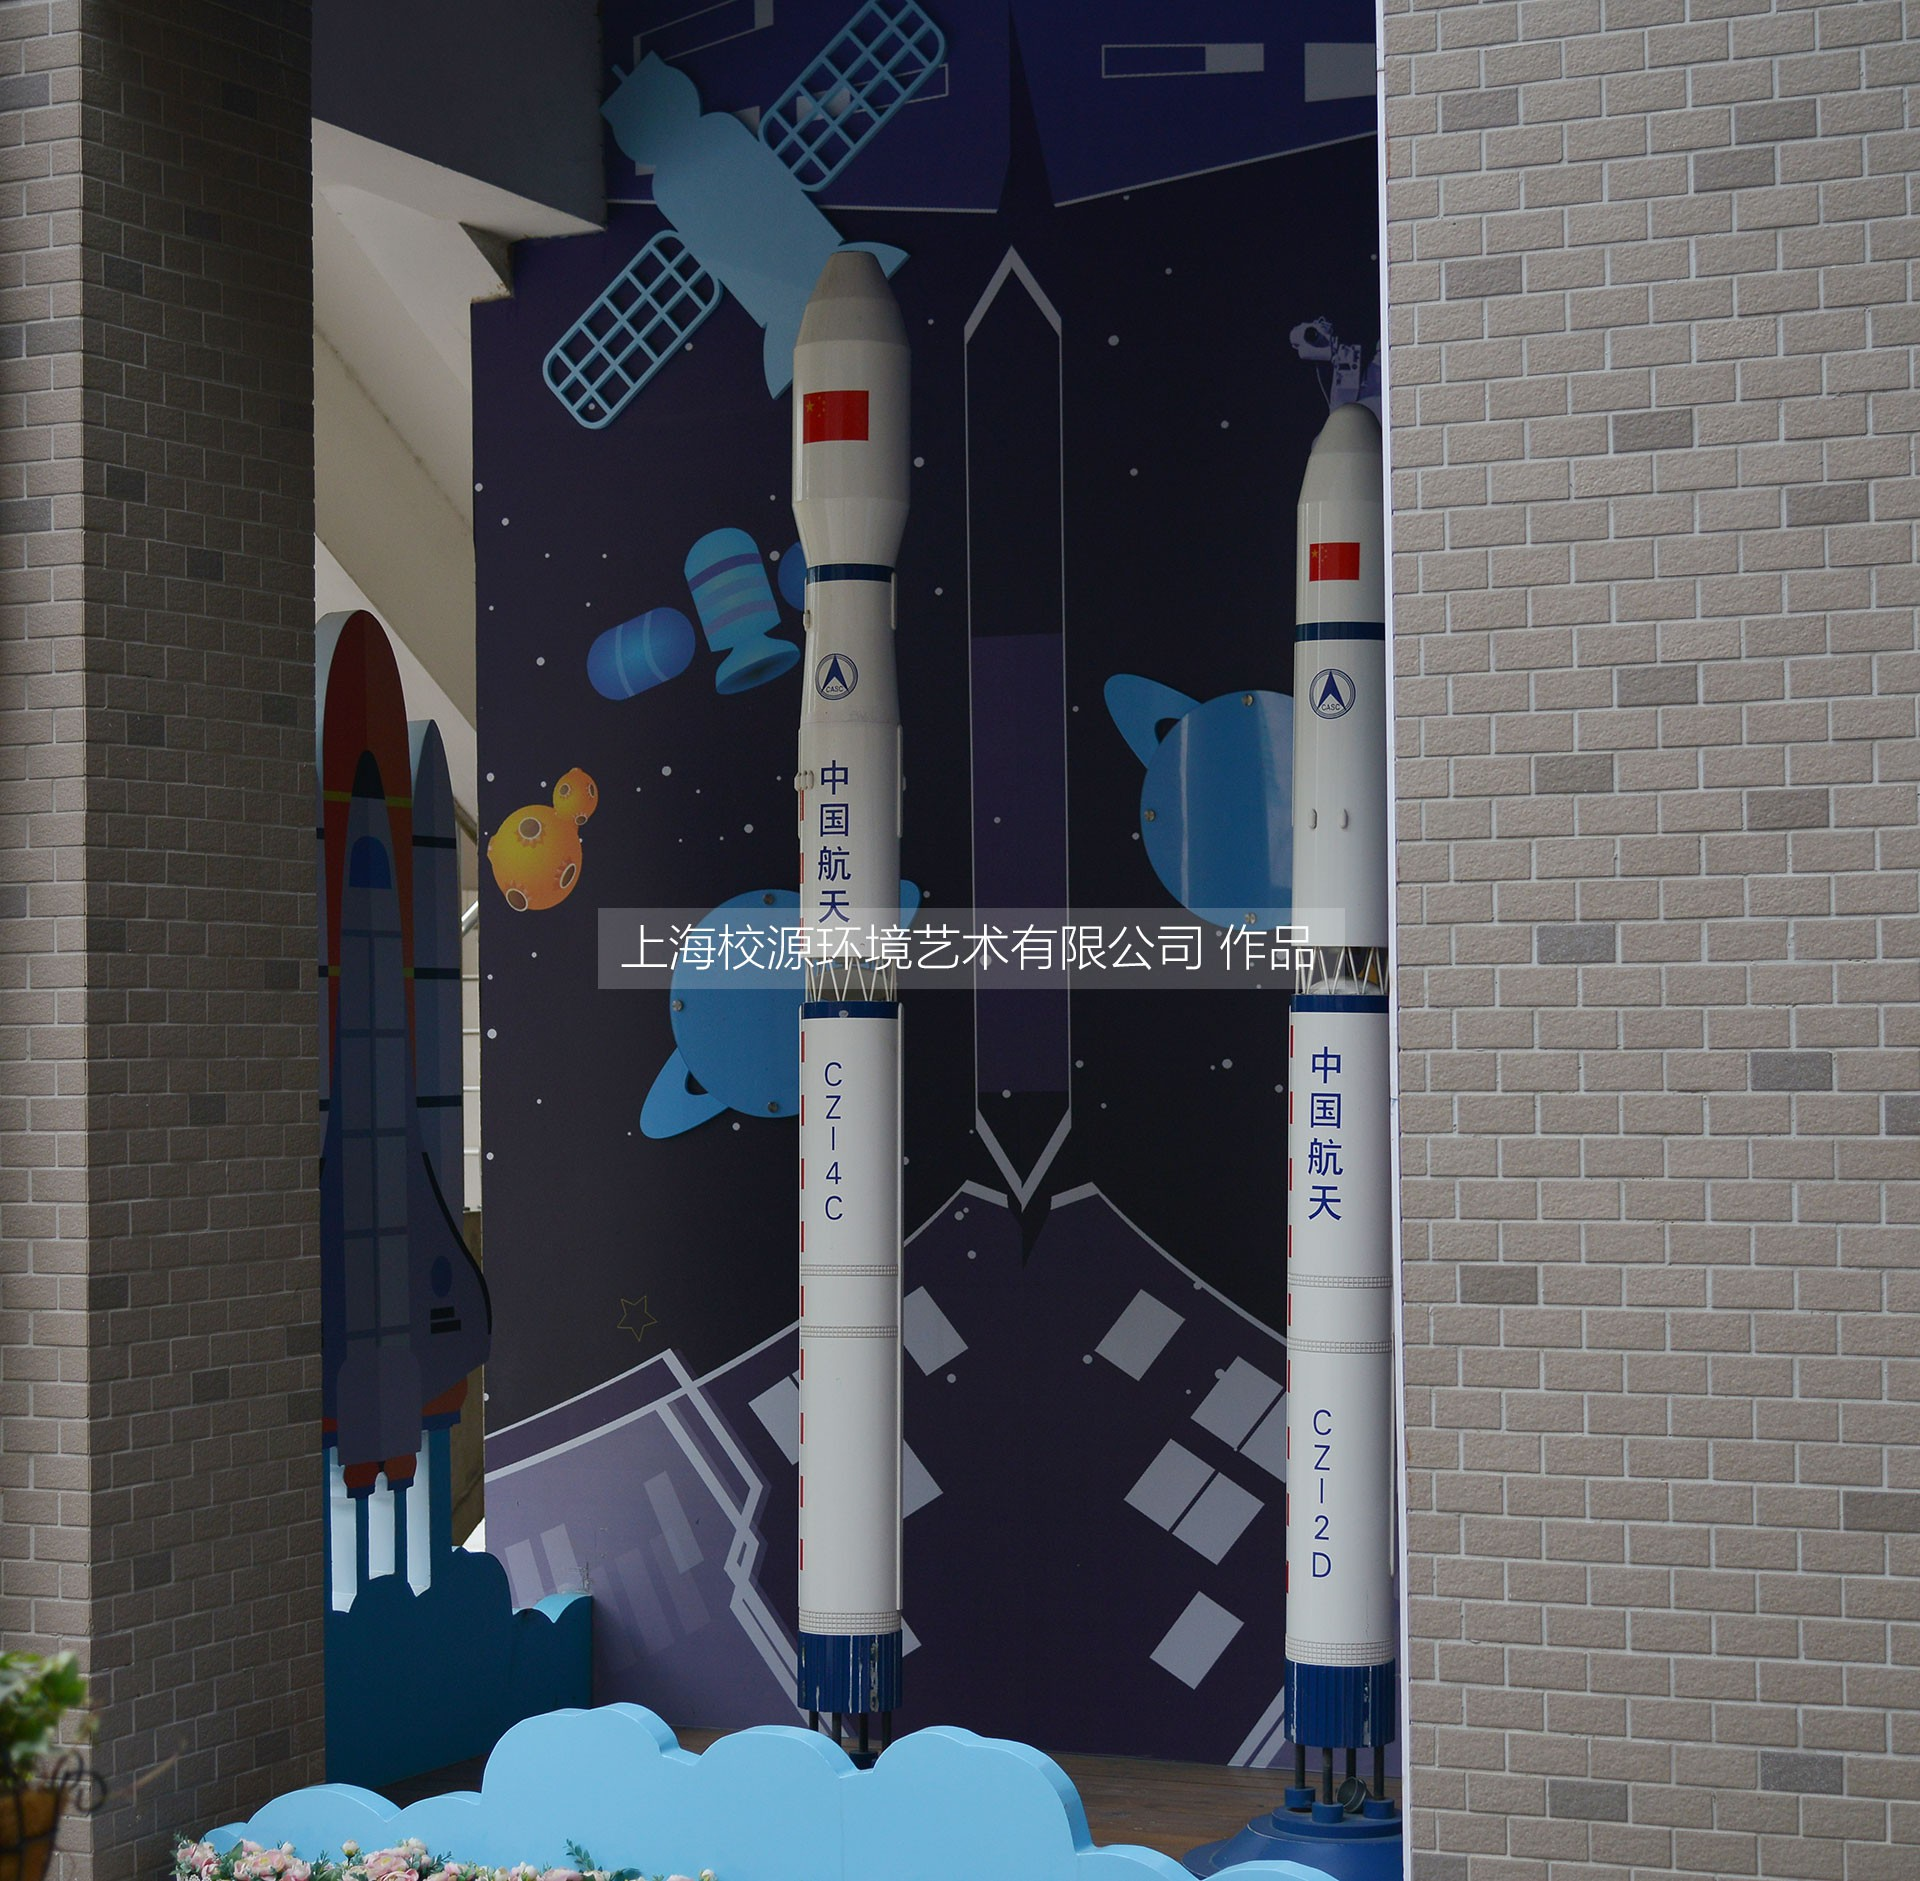 上海校源环境艺术有限公司专做企业文化墙,企业形象展示墙,校园文化,专用教室